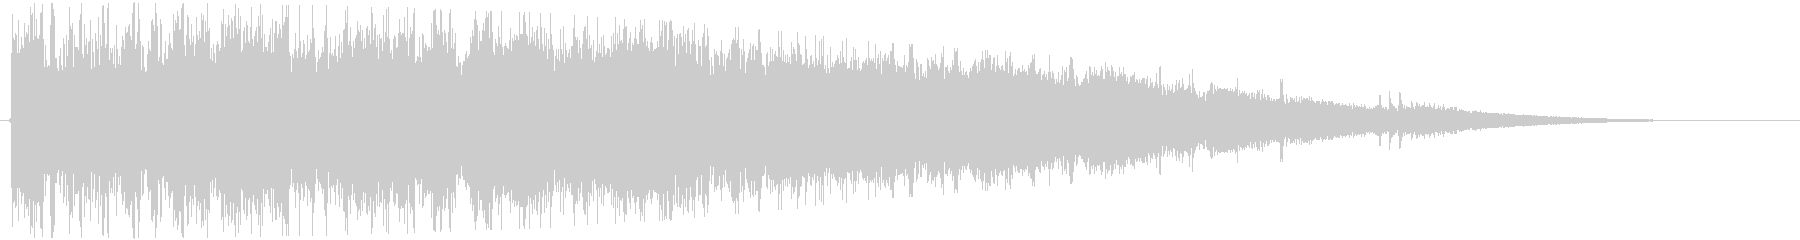 キラキラ きれいな音の未再生の波形